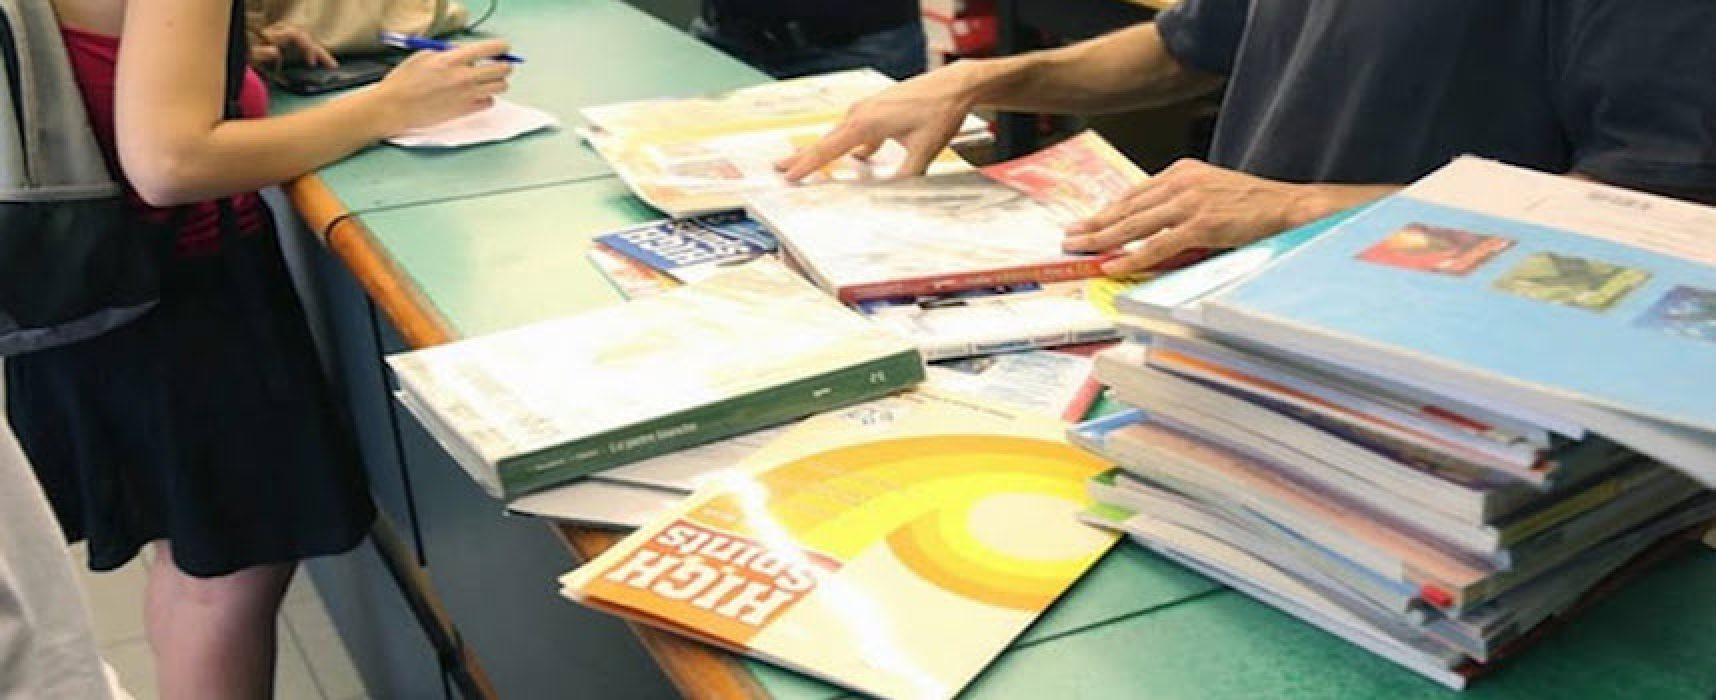 Fornitura gratuita e semigratuita dei libri di testo: come fare domanda